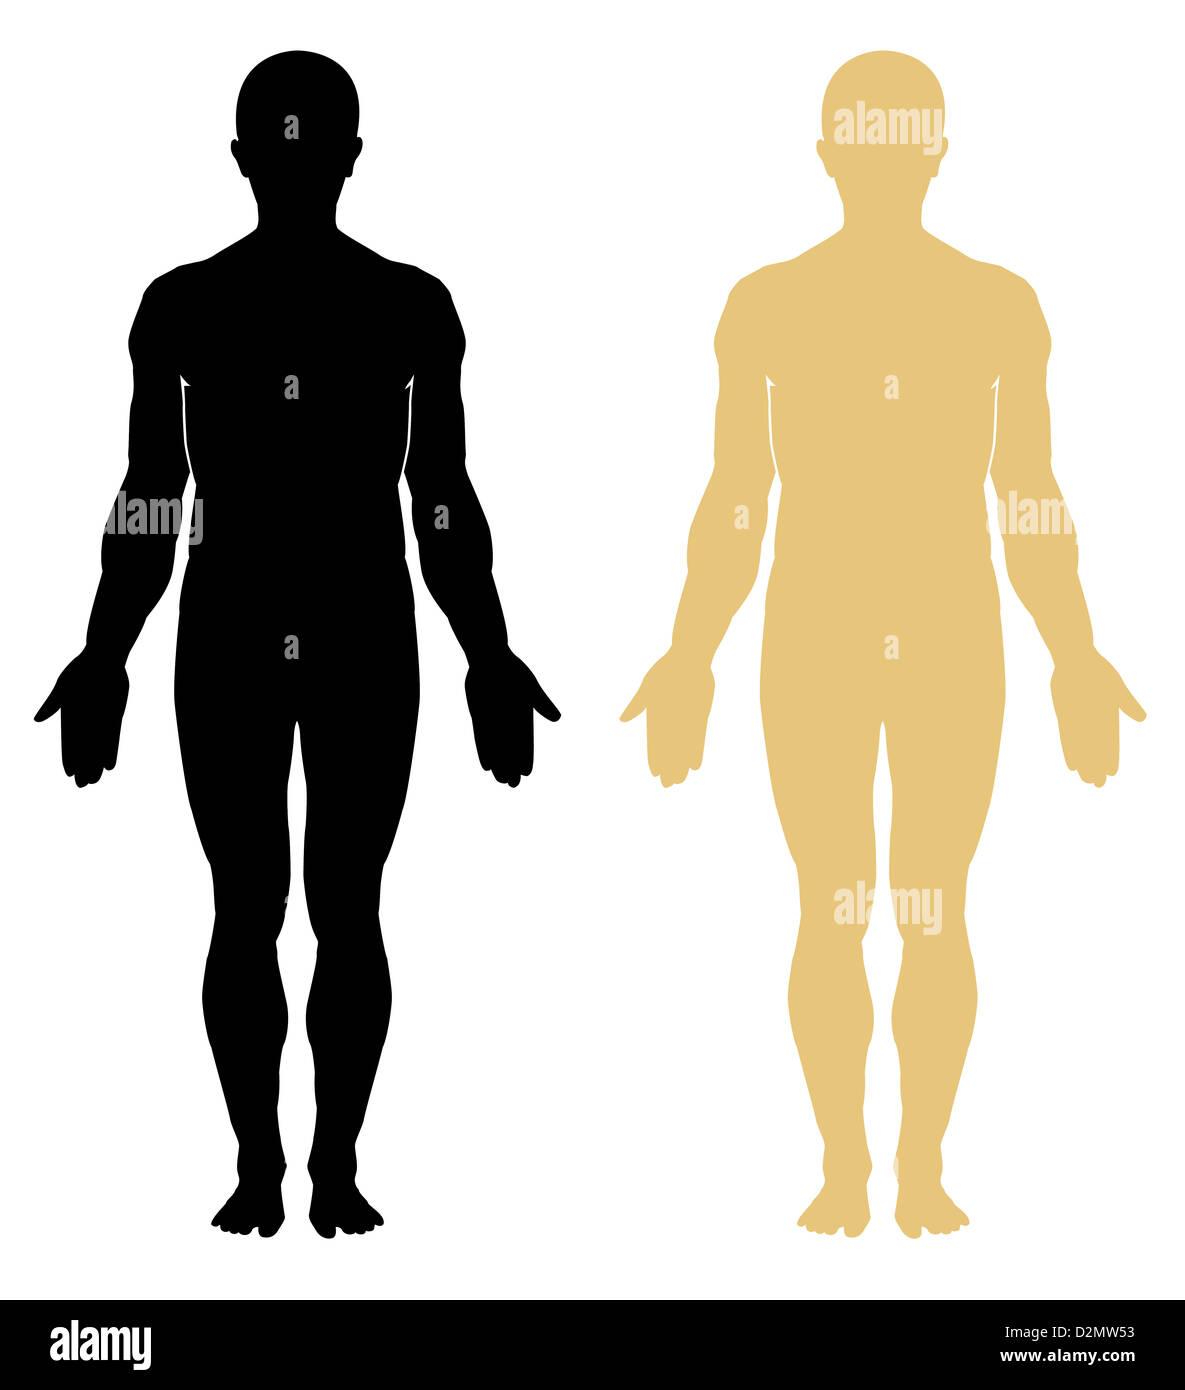 Gliederung des menschlichen Körpers. Anatomie. Männlich Stockfoto ...